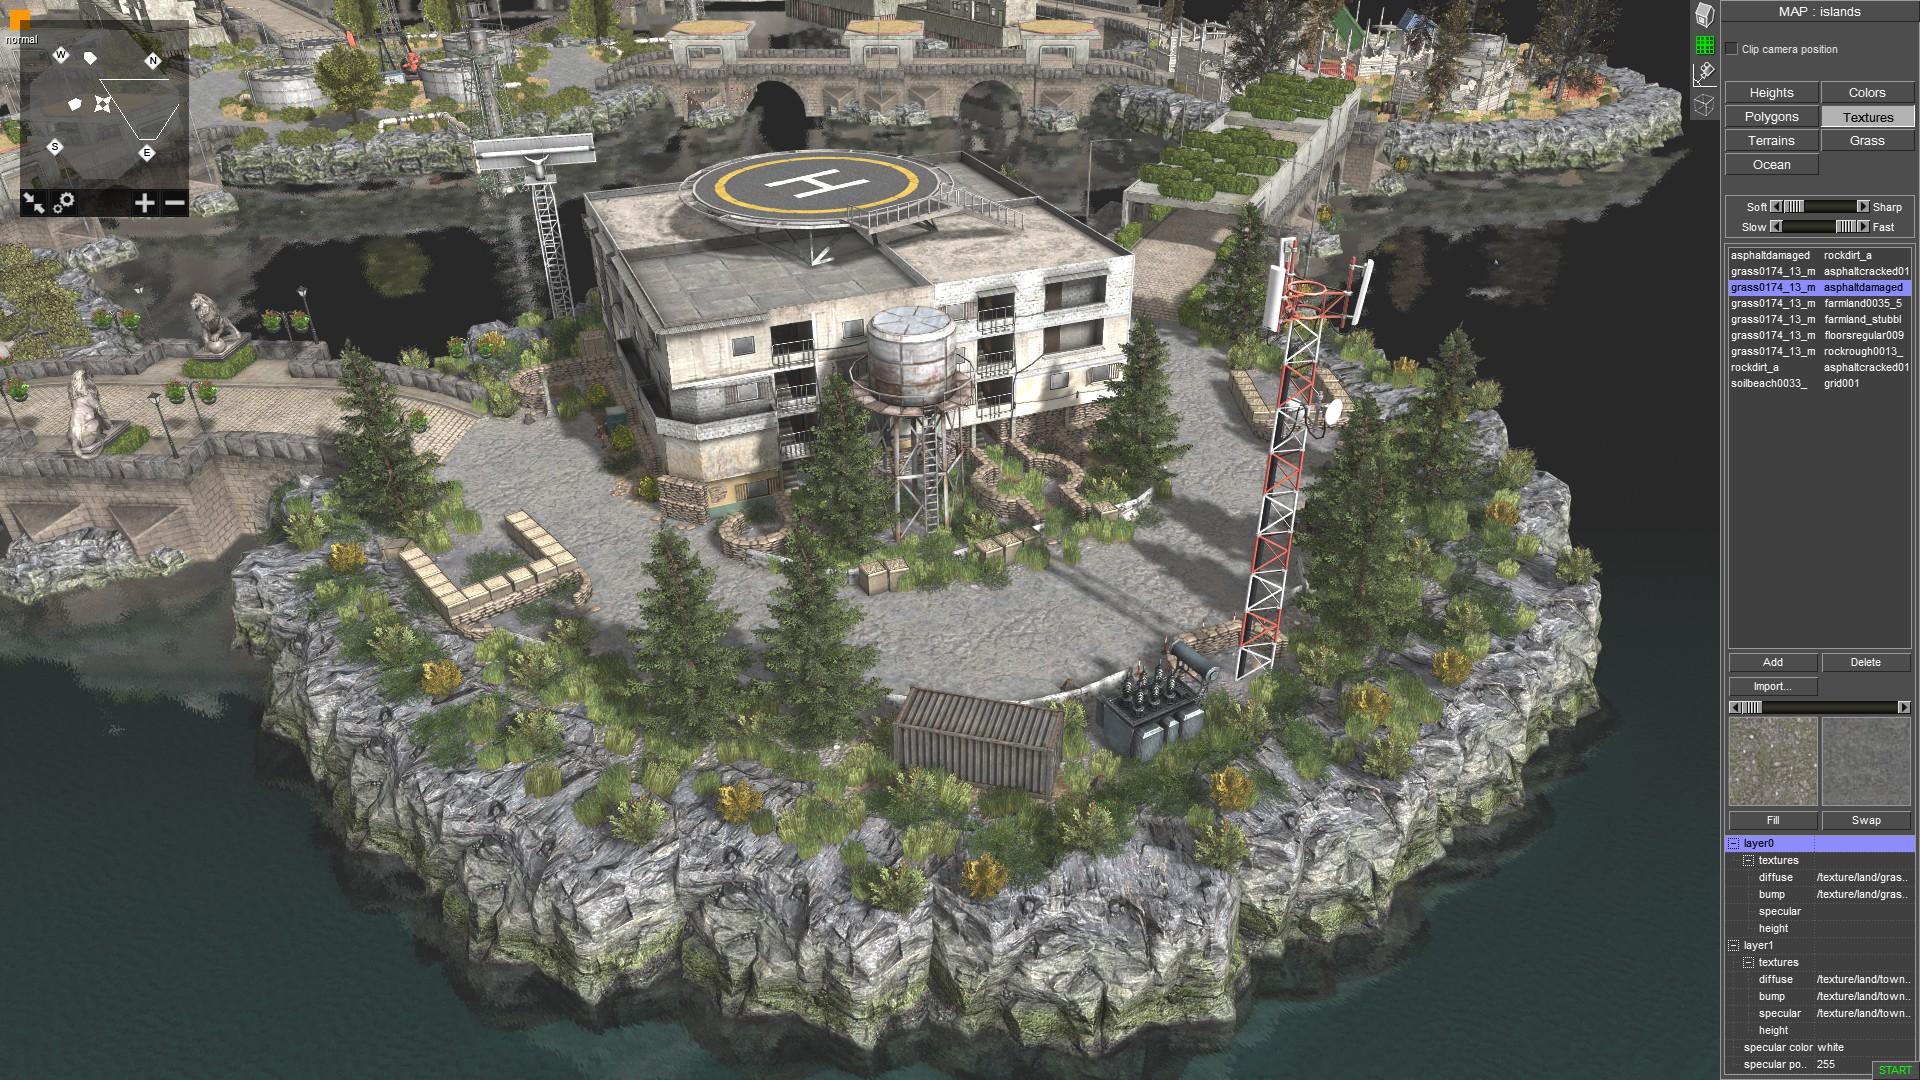 Скачать Aussie's Island Warfare 4v4 (CTA — 0.940.0) (v15.07.2017) — бесплатно